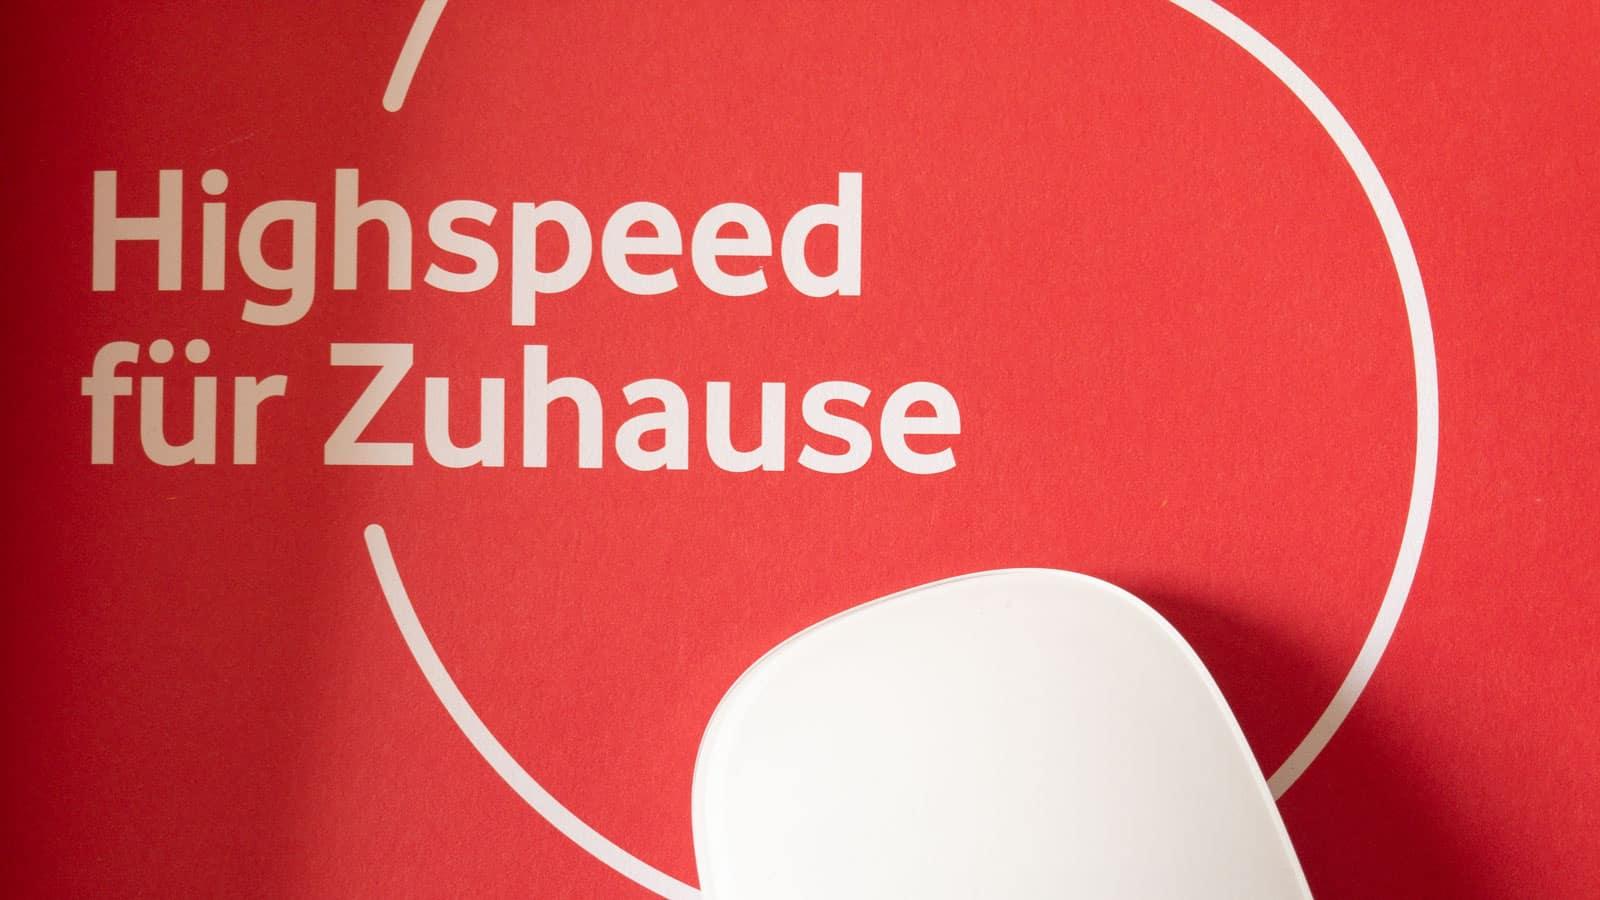 Vodafone Nospeed